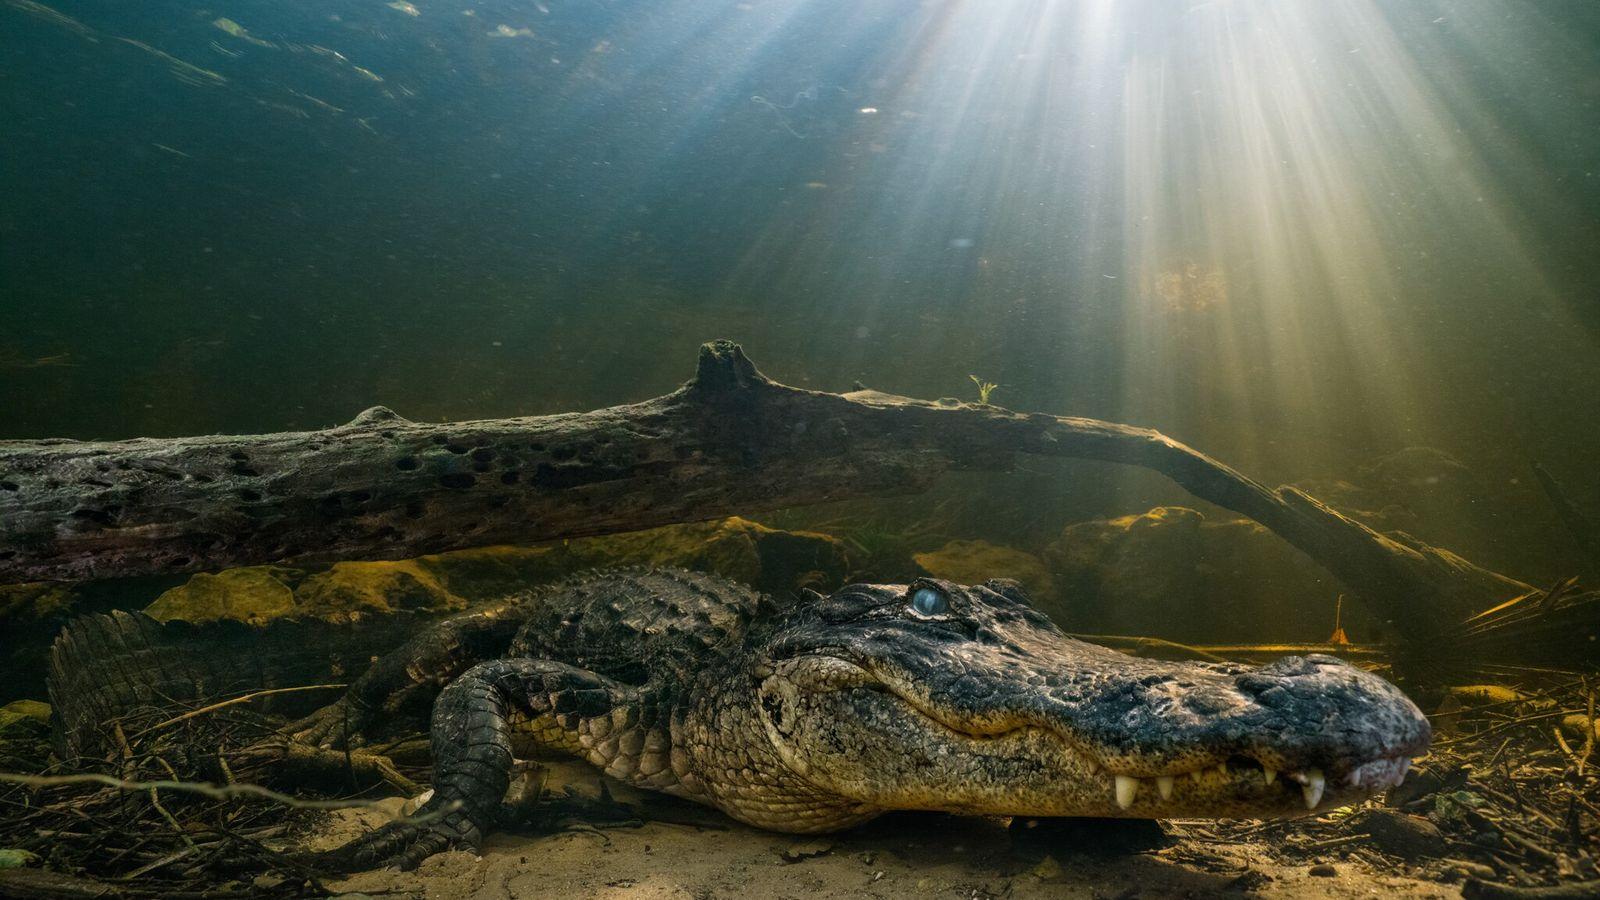 Junge Mississippi-Alligatoren fallen oft Vögeln, Waschbären, aber auch anderen Alligatoren zum Opfer